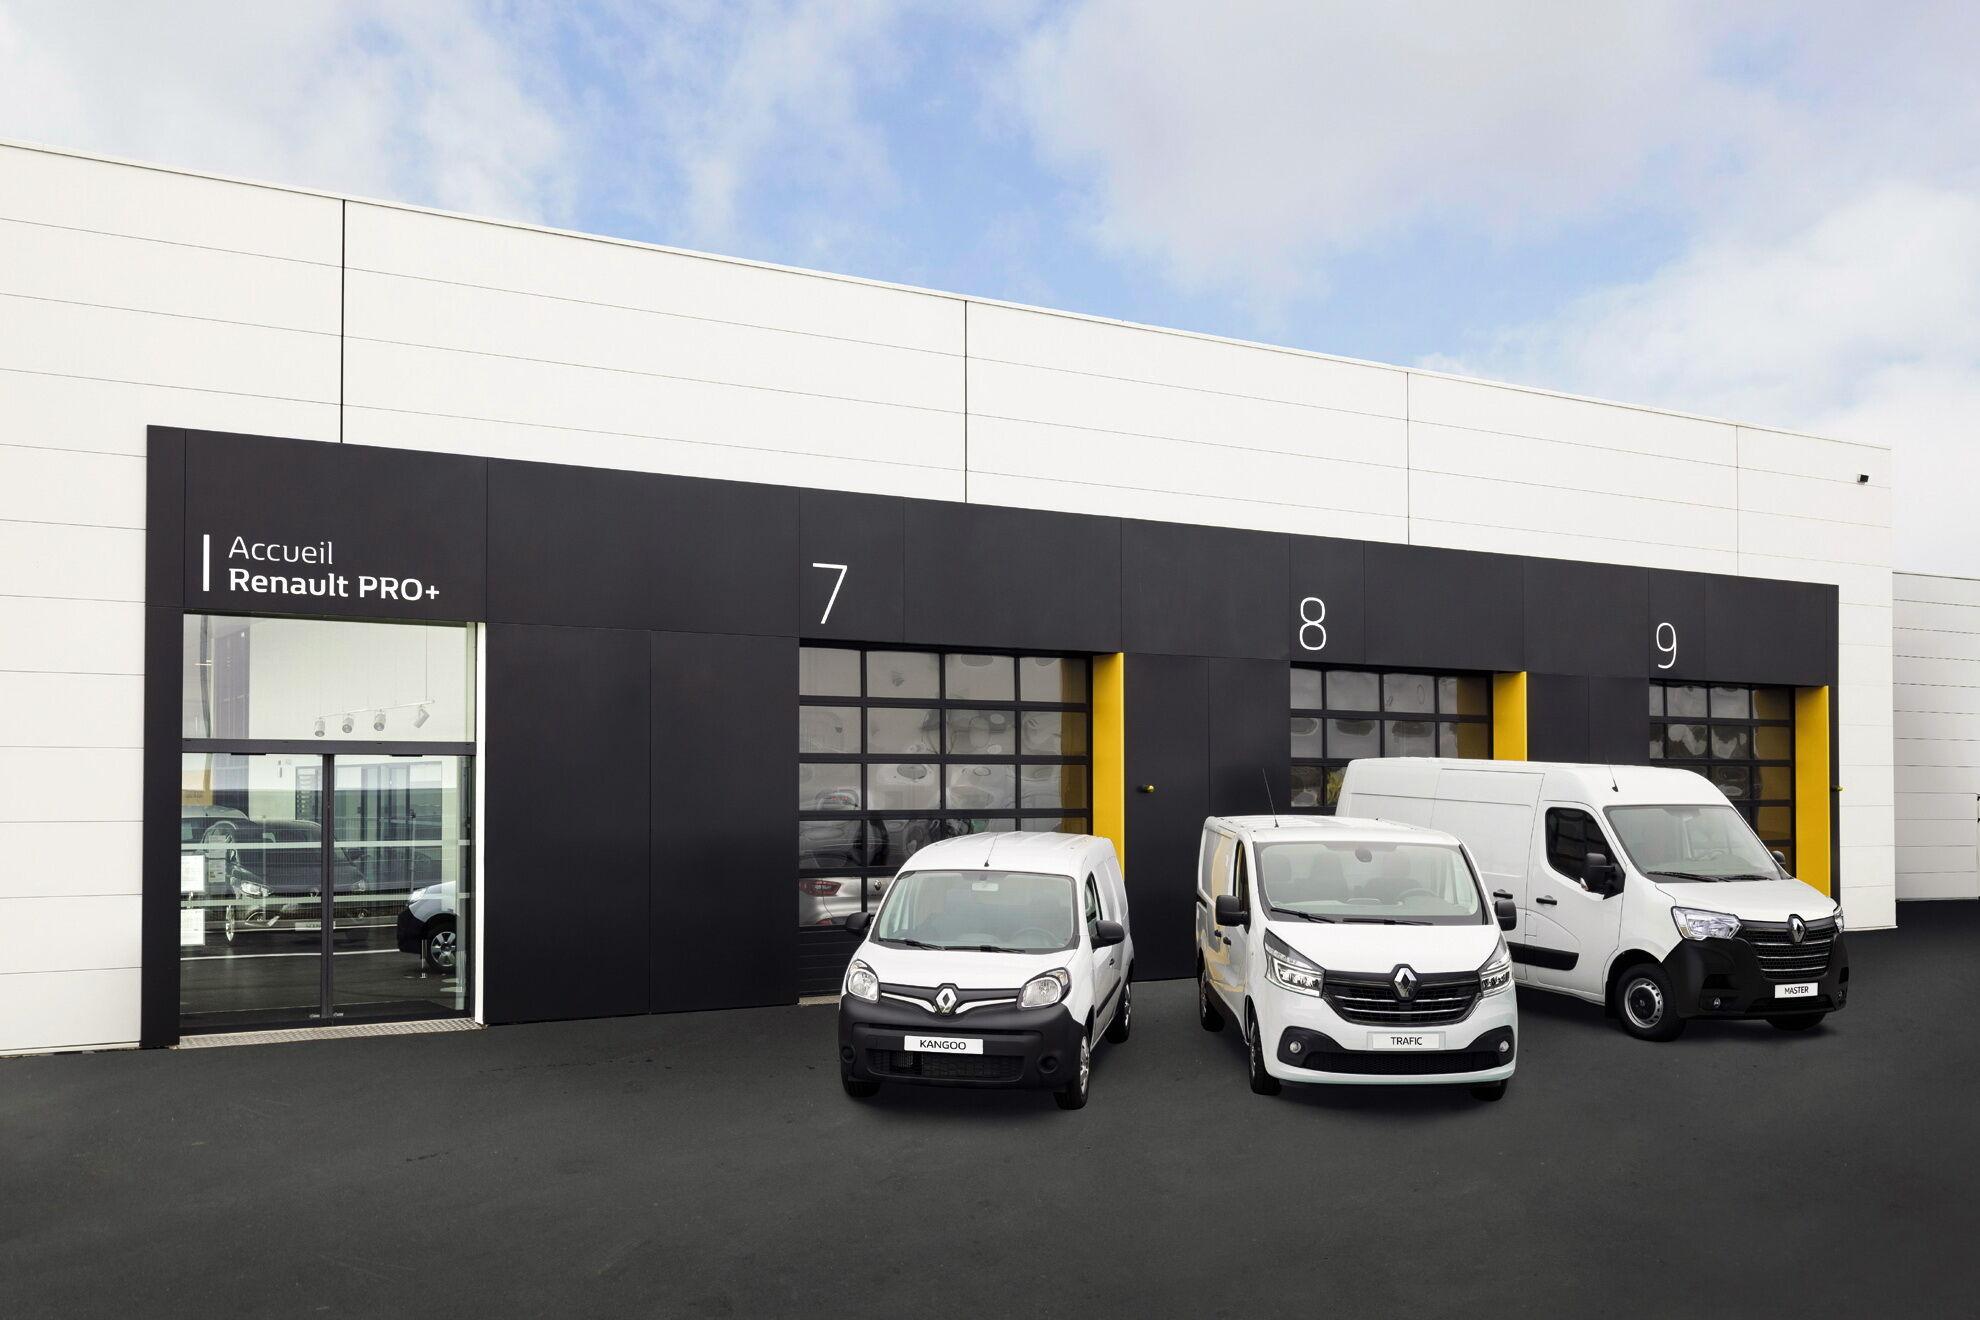 Лідируючу позицію, як і торік, займає французький бренд Renault